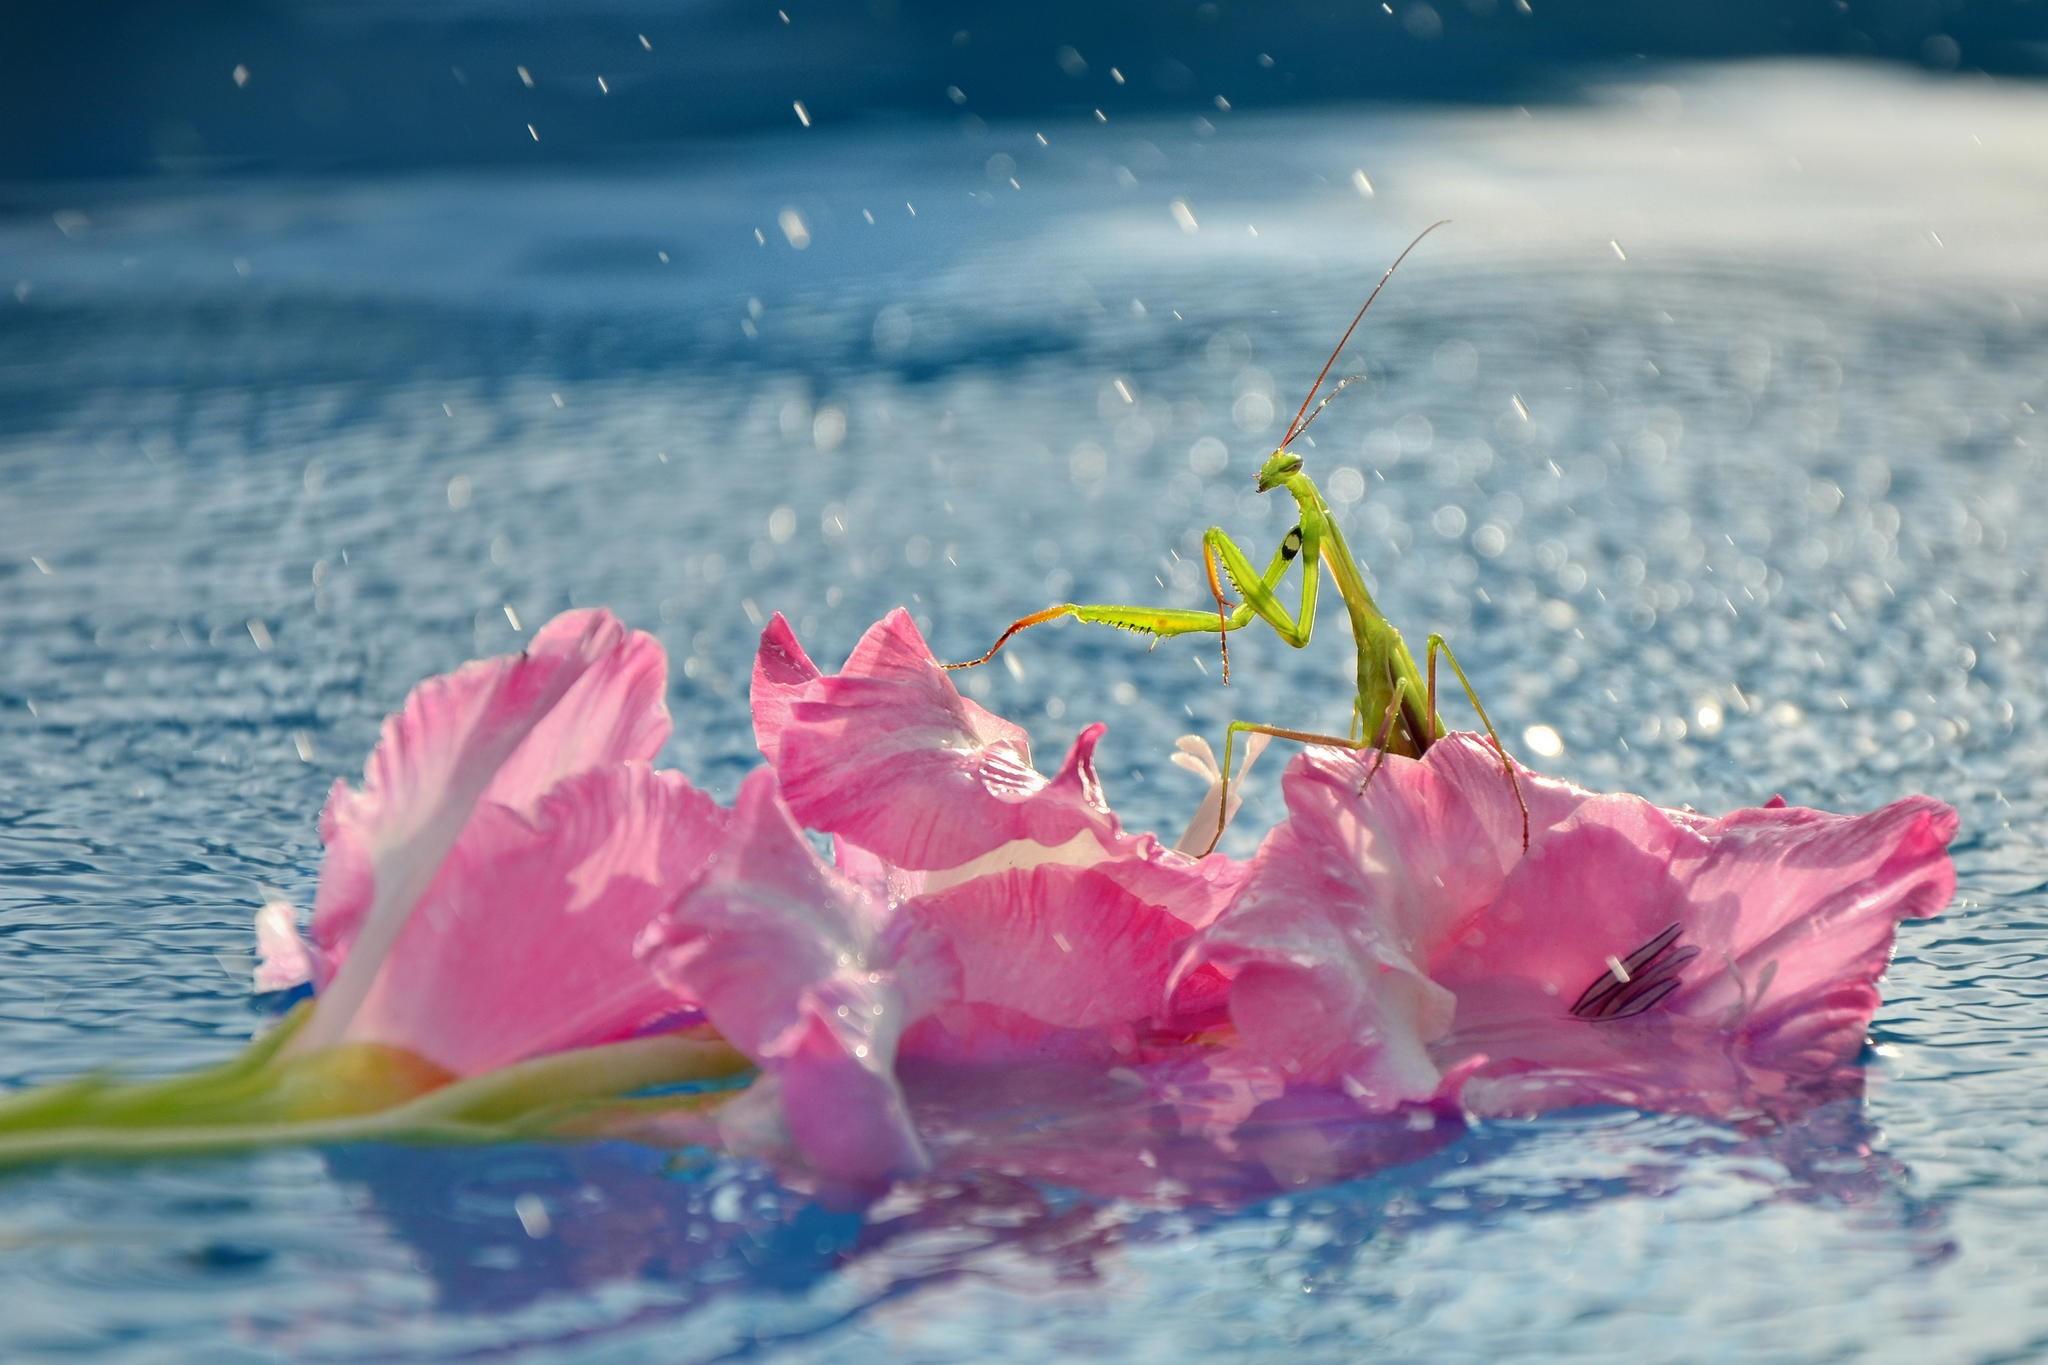 картинки нежность воды поэтапно